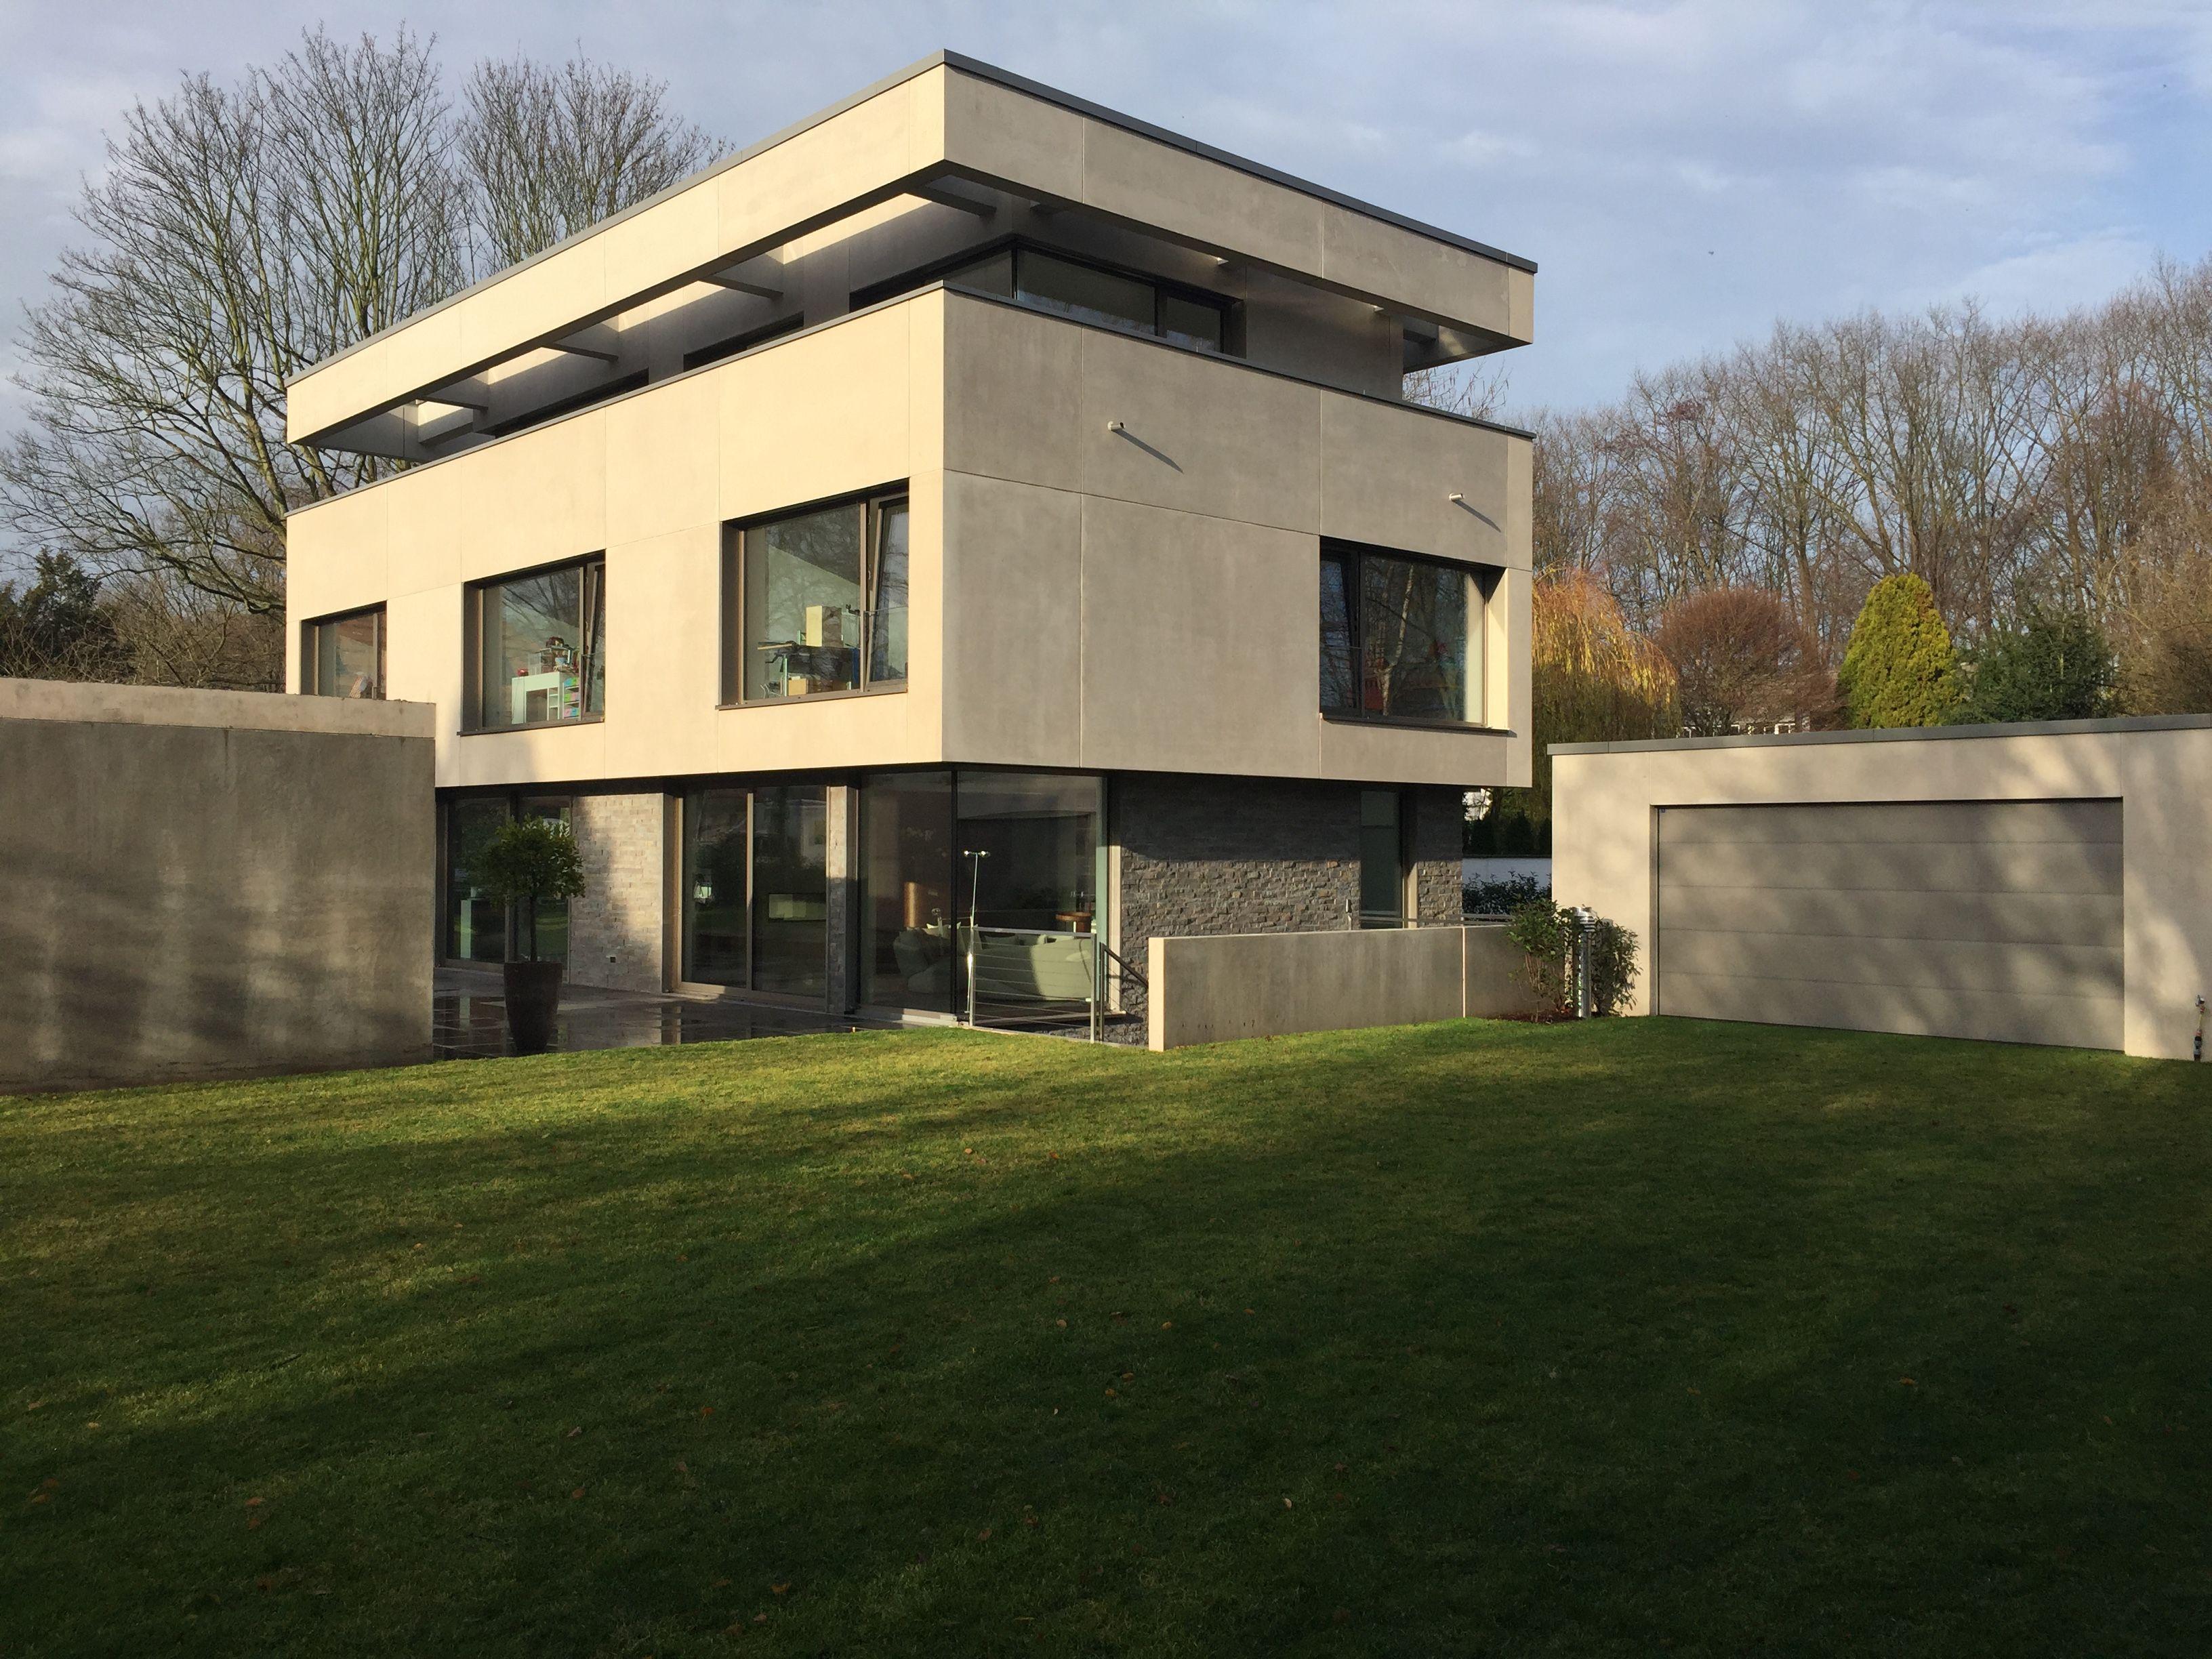 Modernes Einfamilienhaus im Bauhaus Stil. Exklusive ...